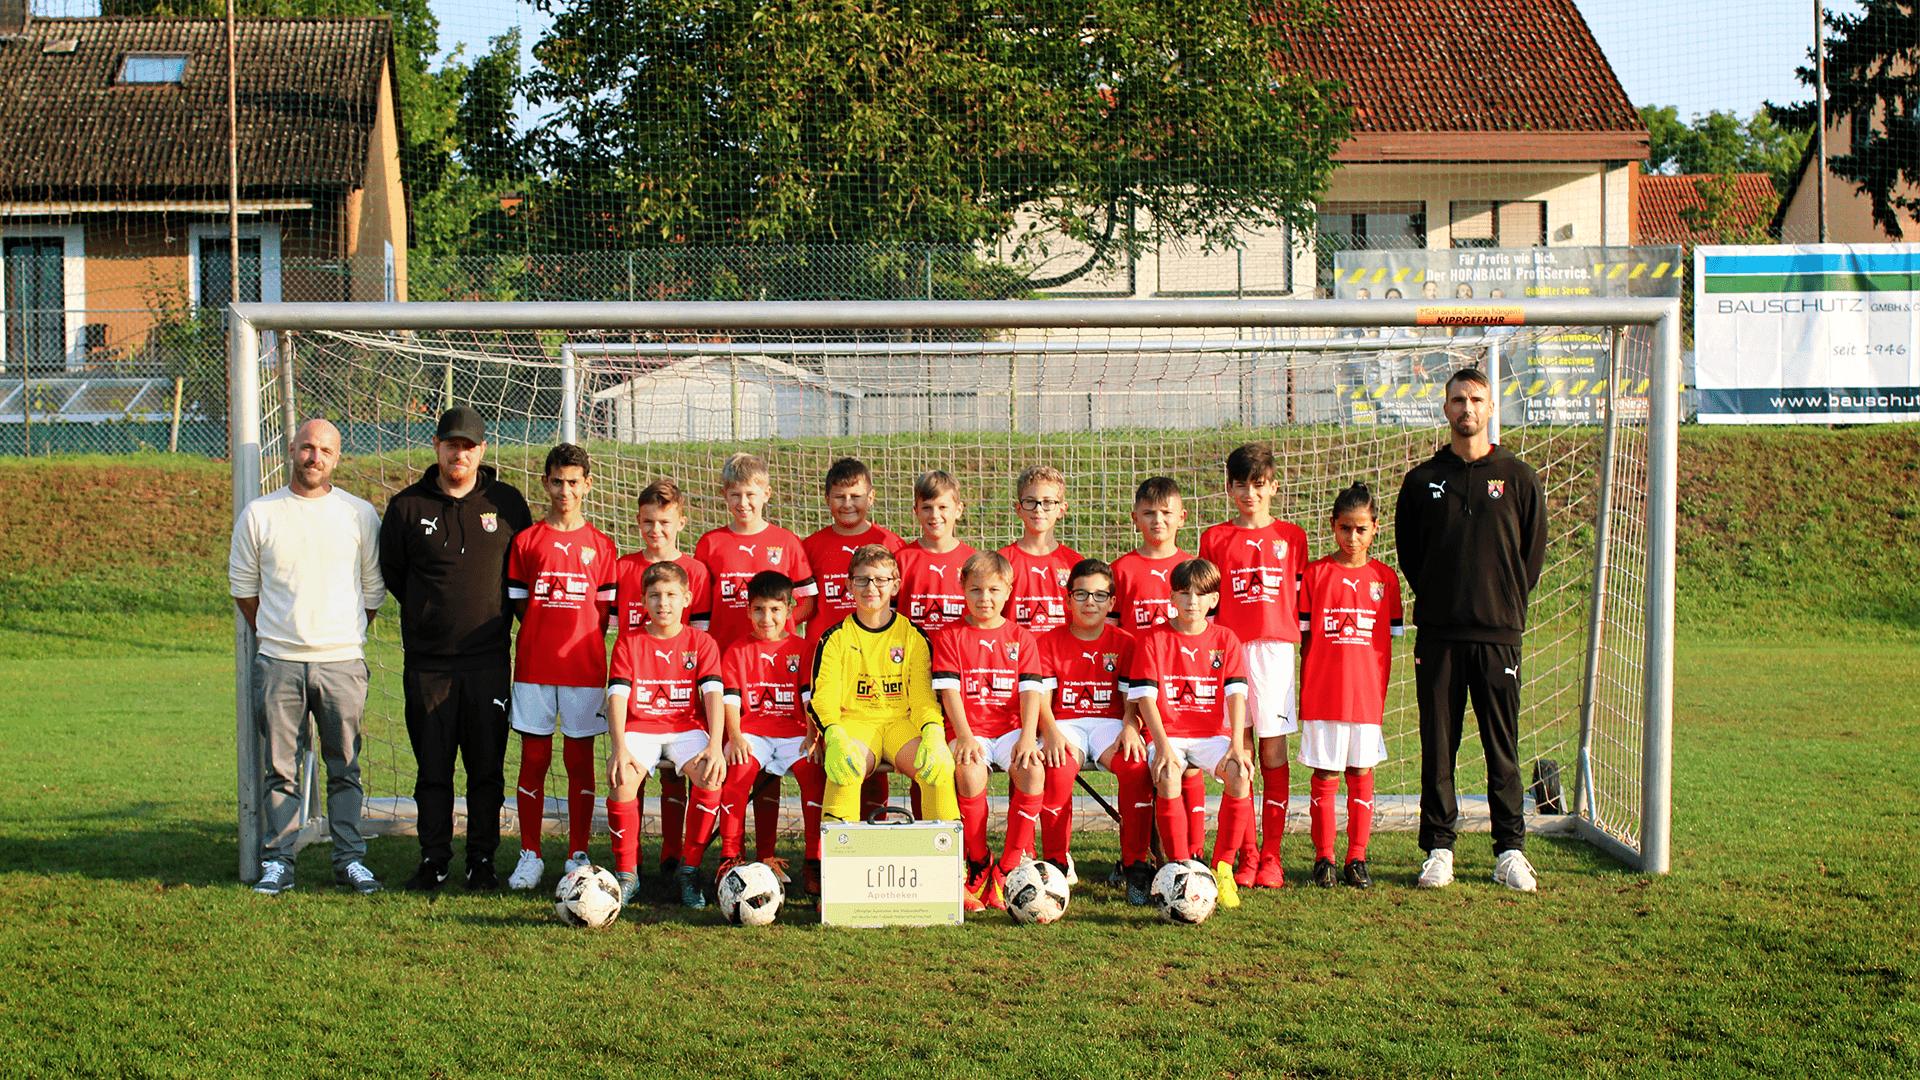 D2-TuS-Hochheim 2021-22